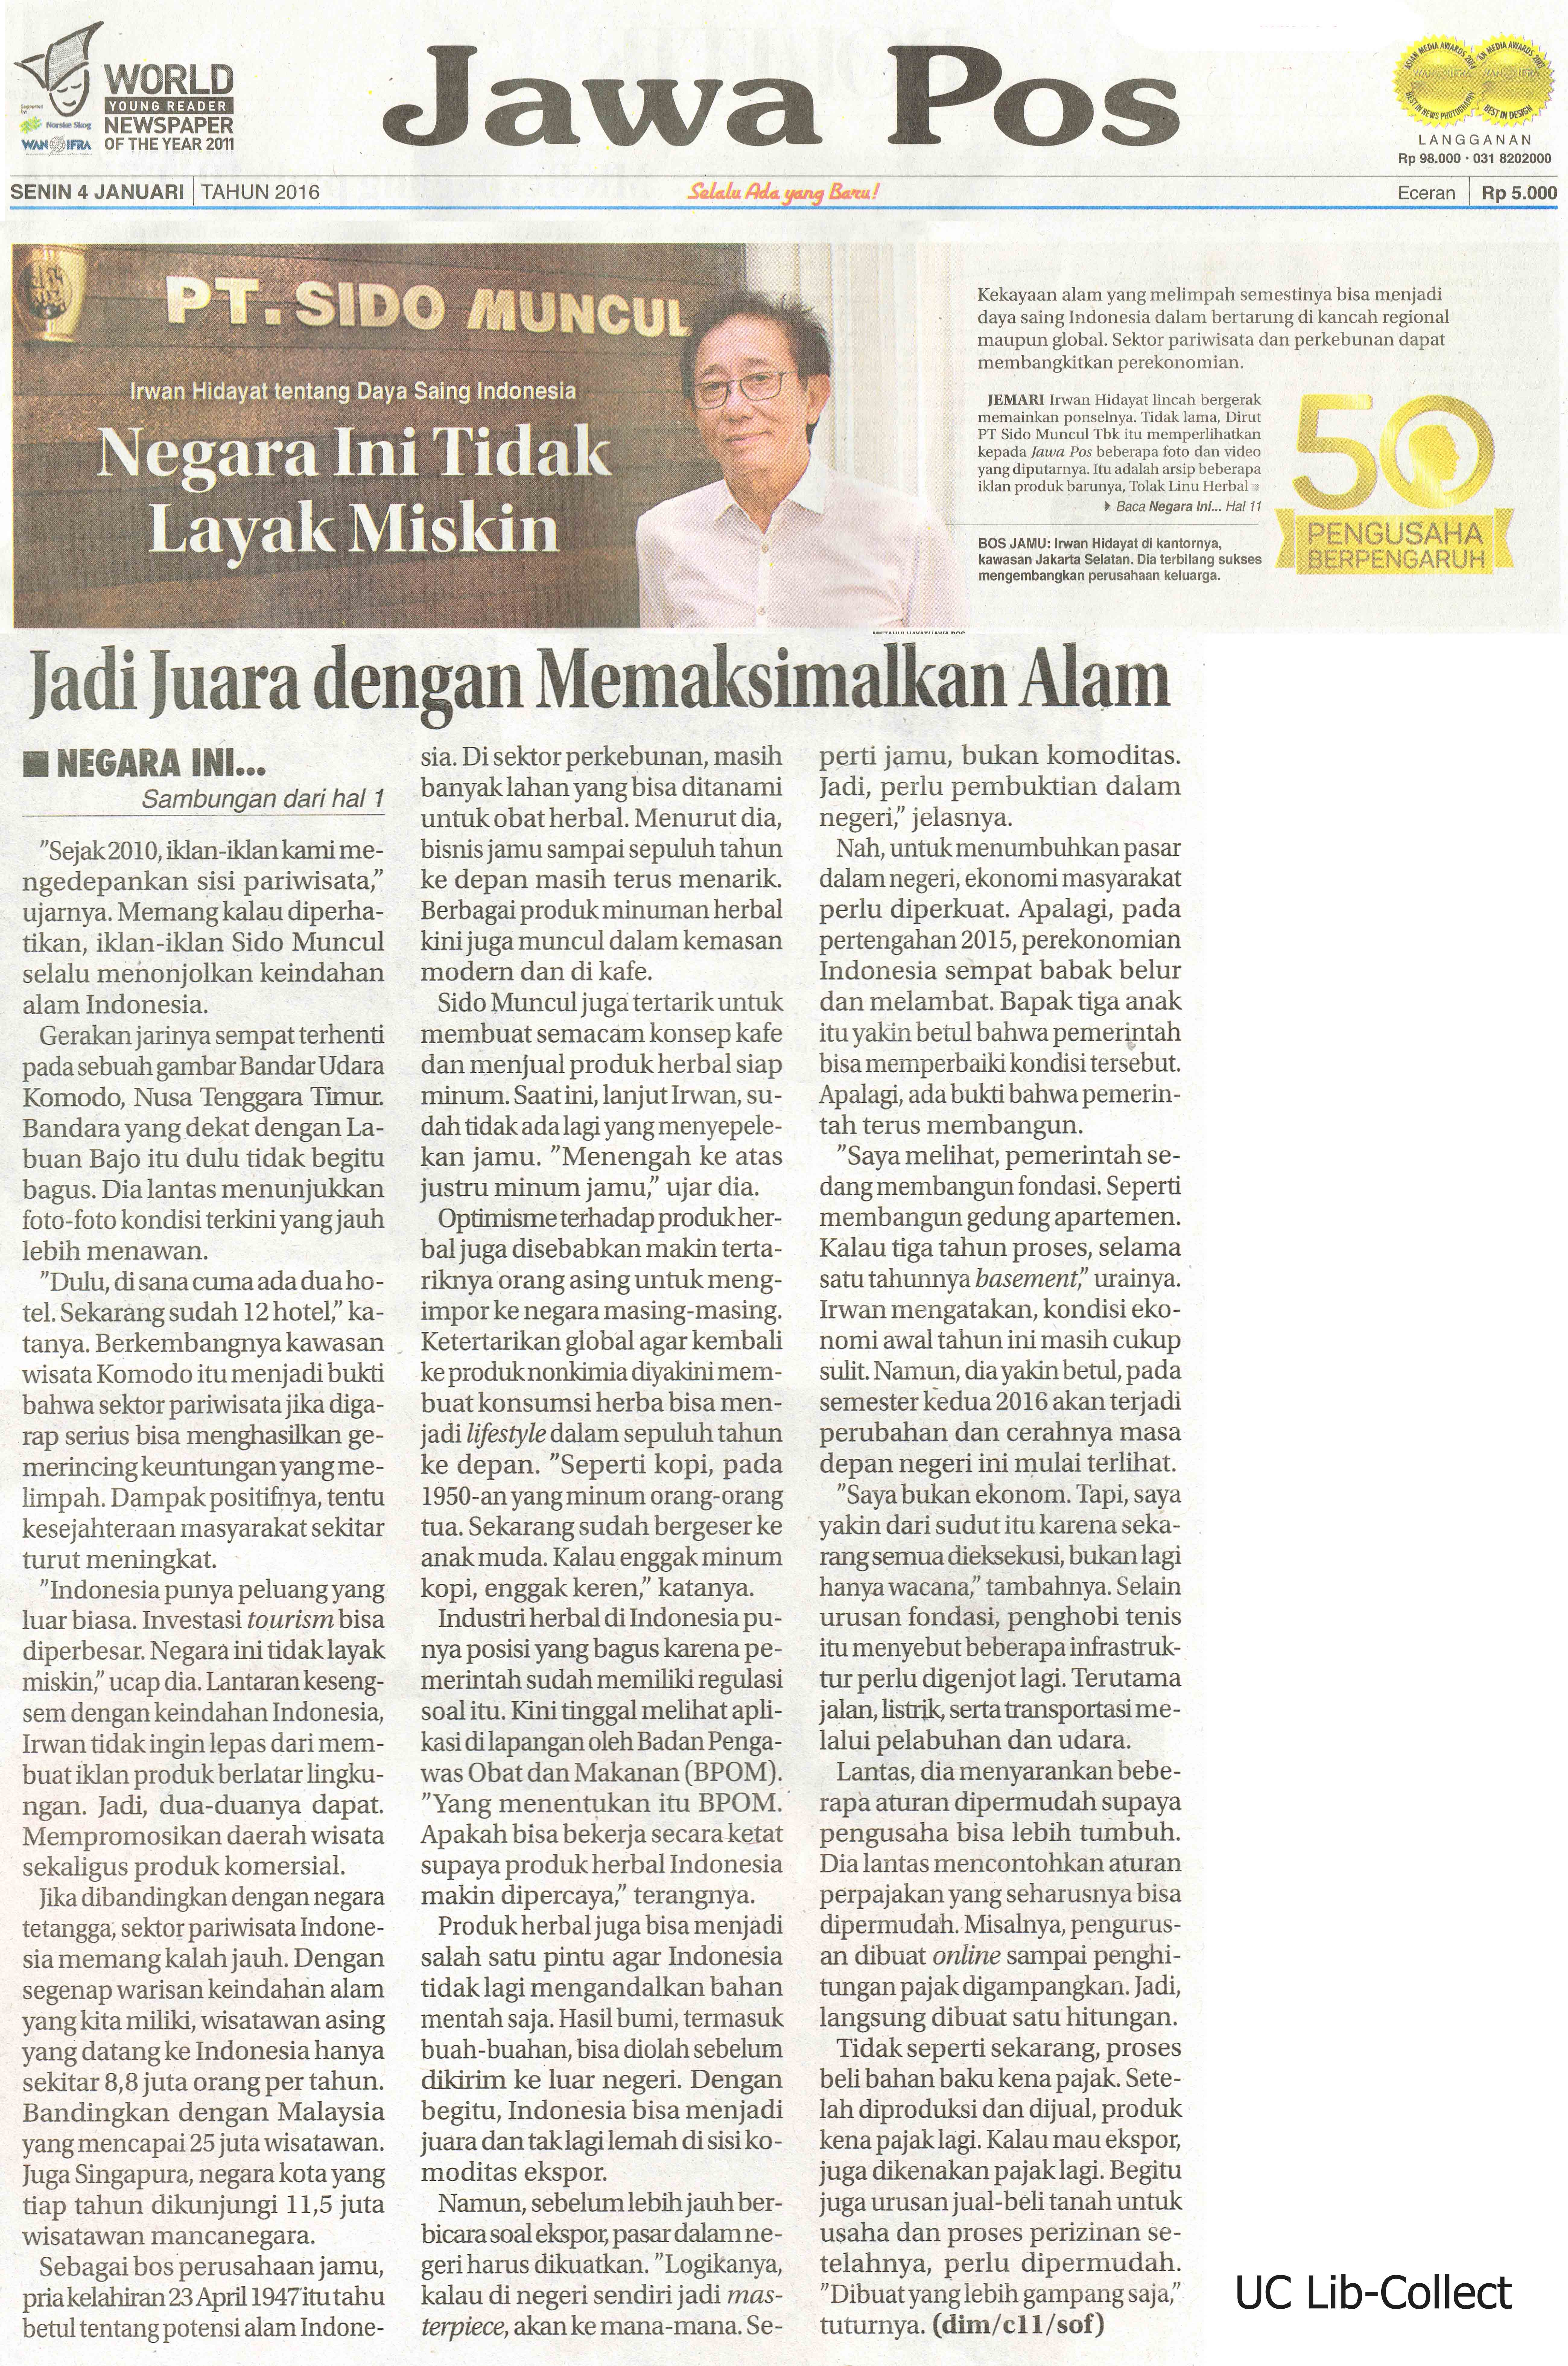 4 Januari 2016. Irwan Hidayat tentang Daya Saing Indonesia_Negara ini Tidak Layak Miskin. Jawa Pos. 4 Januari 2016.Hal.1,11